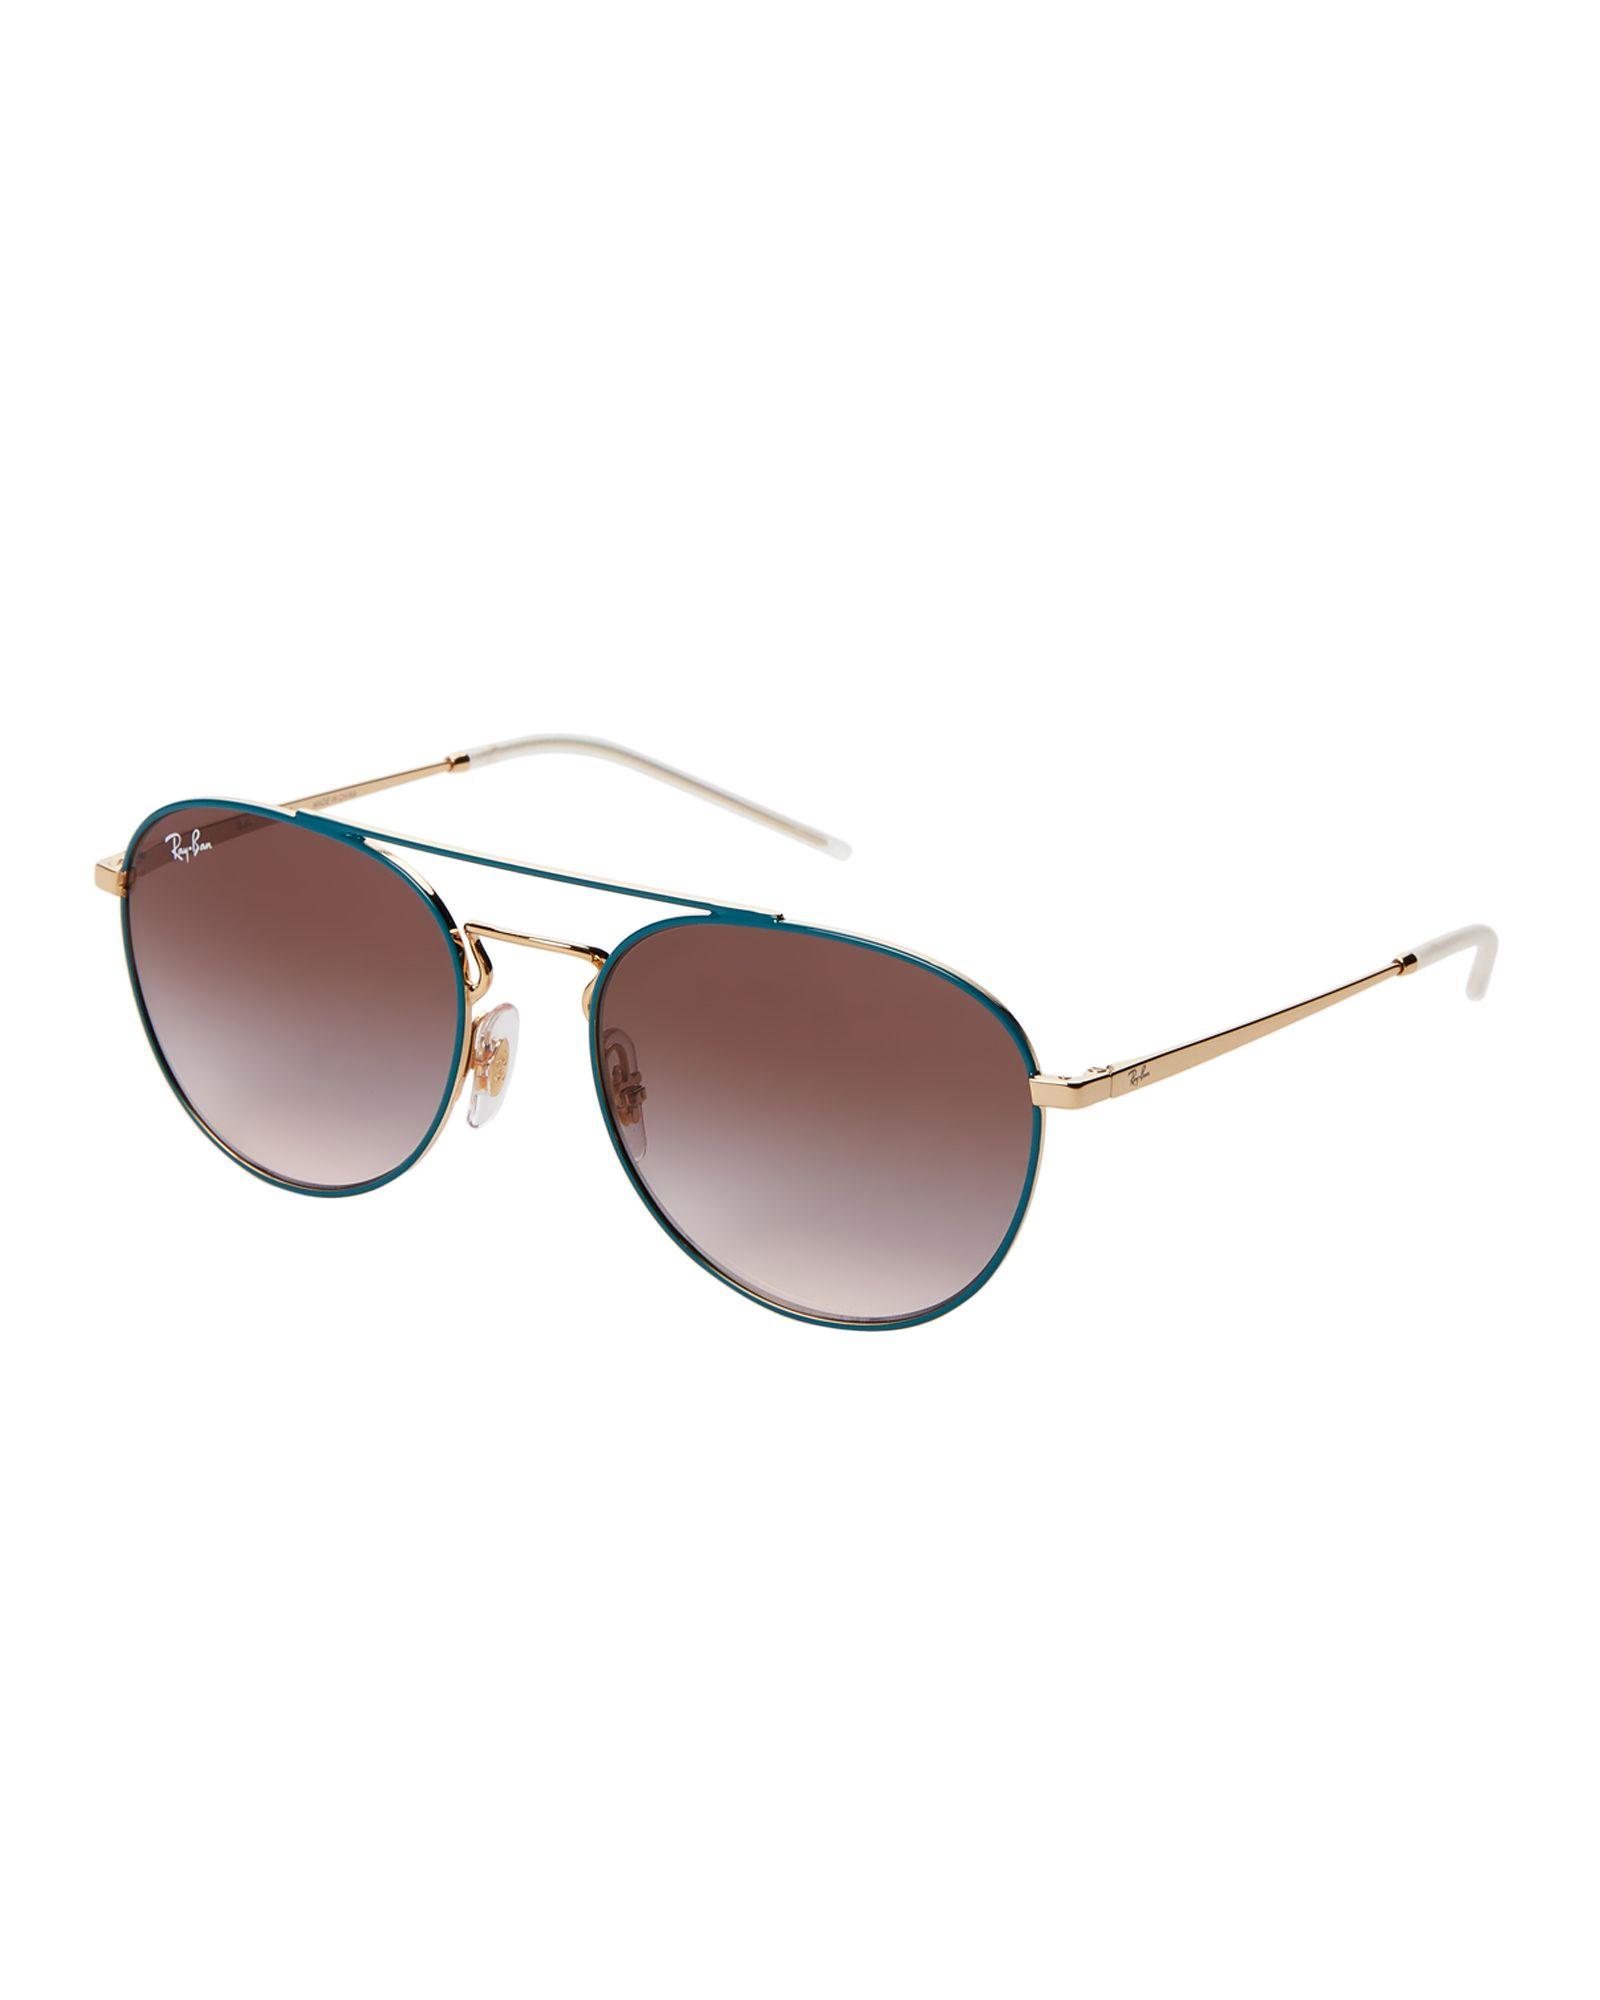 23a94228b59 RB 3589 Blue   Gold-Tone Aviator Sunglasses in 2019